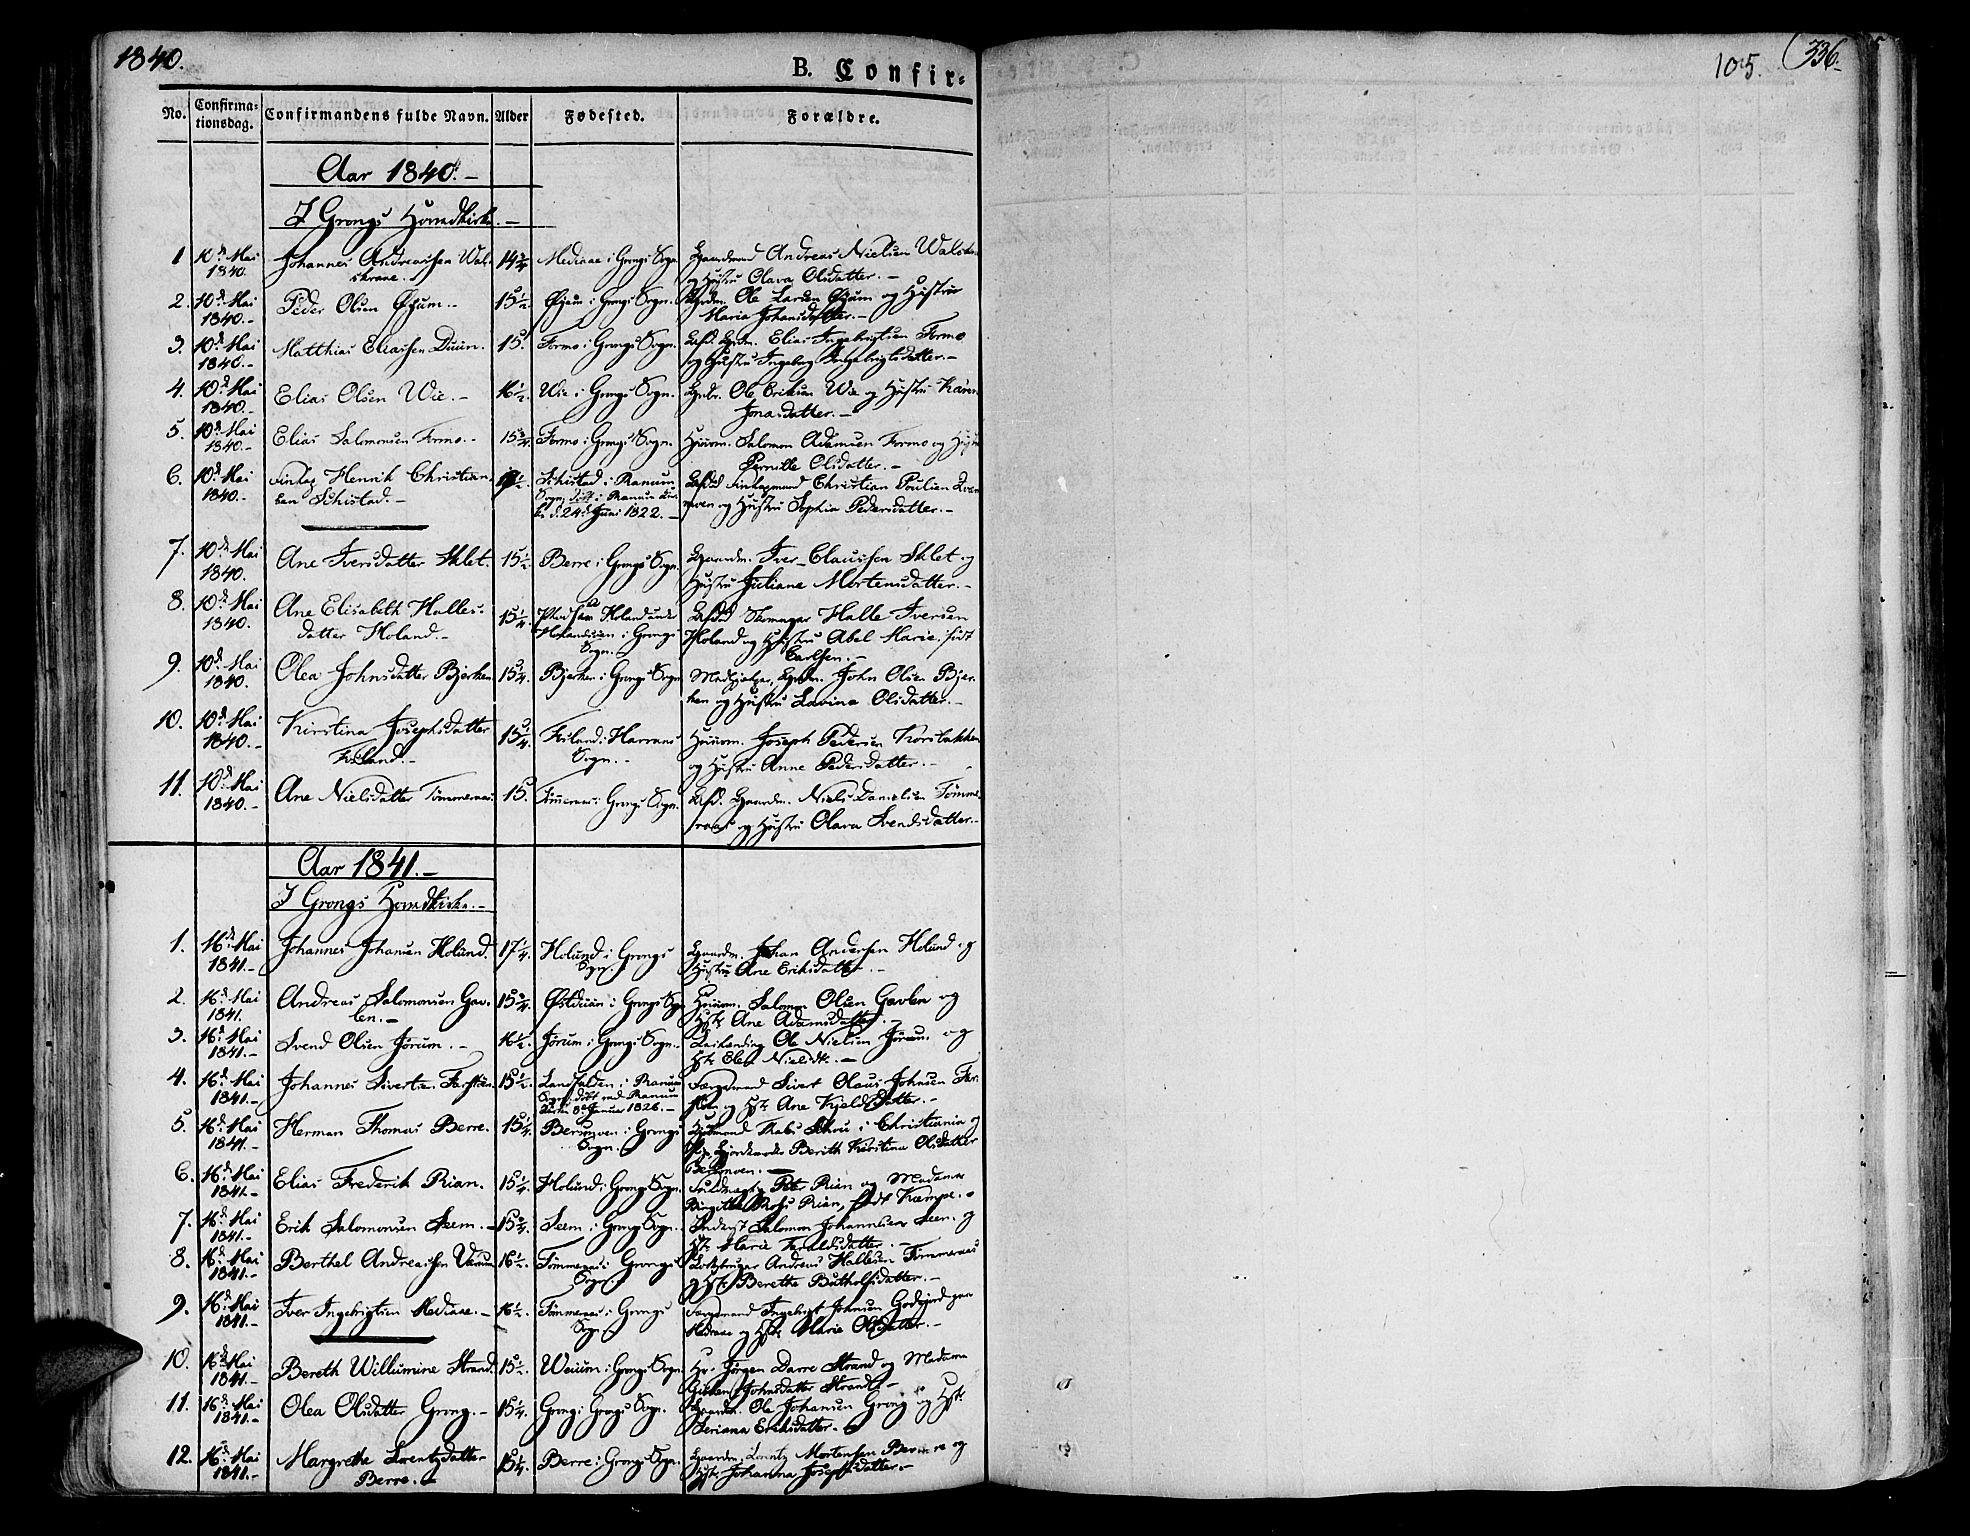 SAT, Ministerialprotokoller, klokkerbøker og fødselsregistre - Nord-Trøndelag, 758/L0510: Ministerialbok nr. 758A01 /1, 1821-1841, s. 105